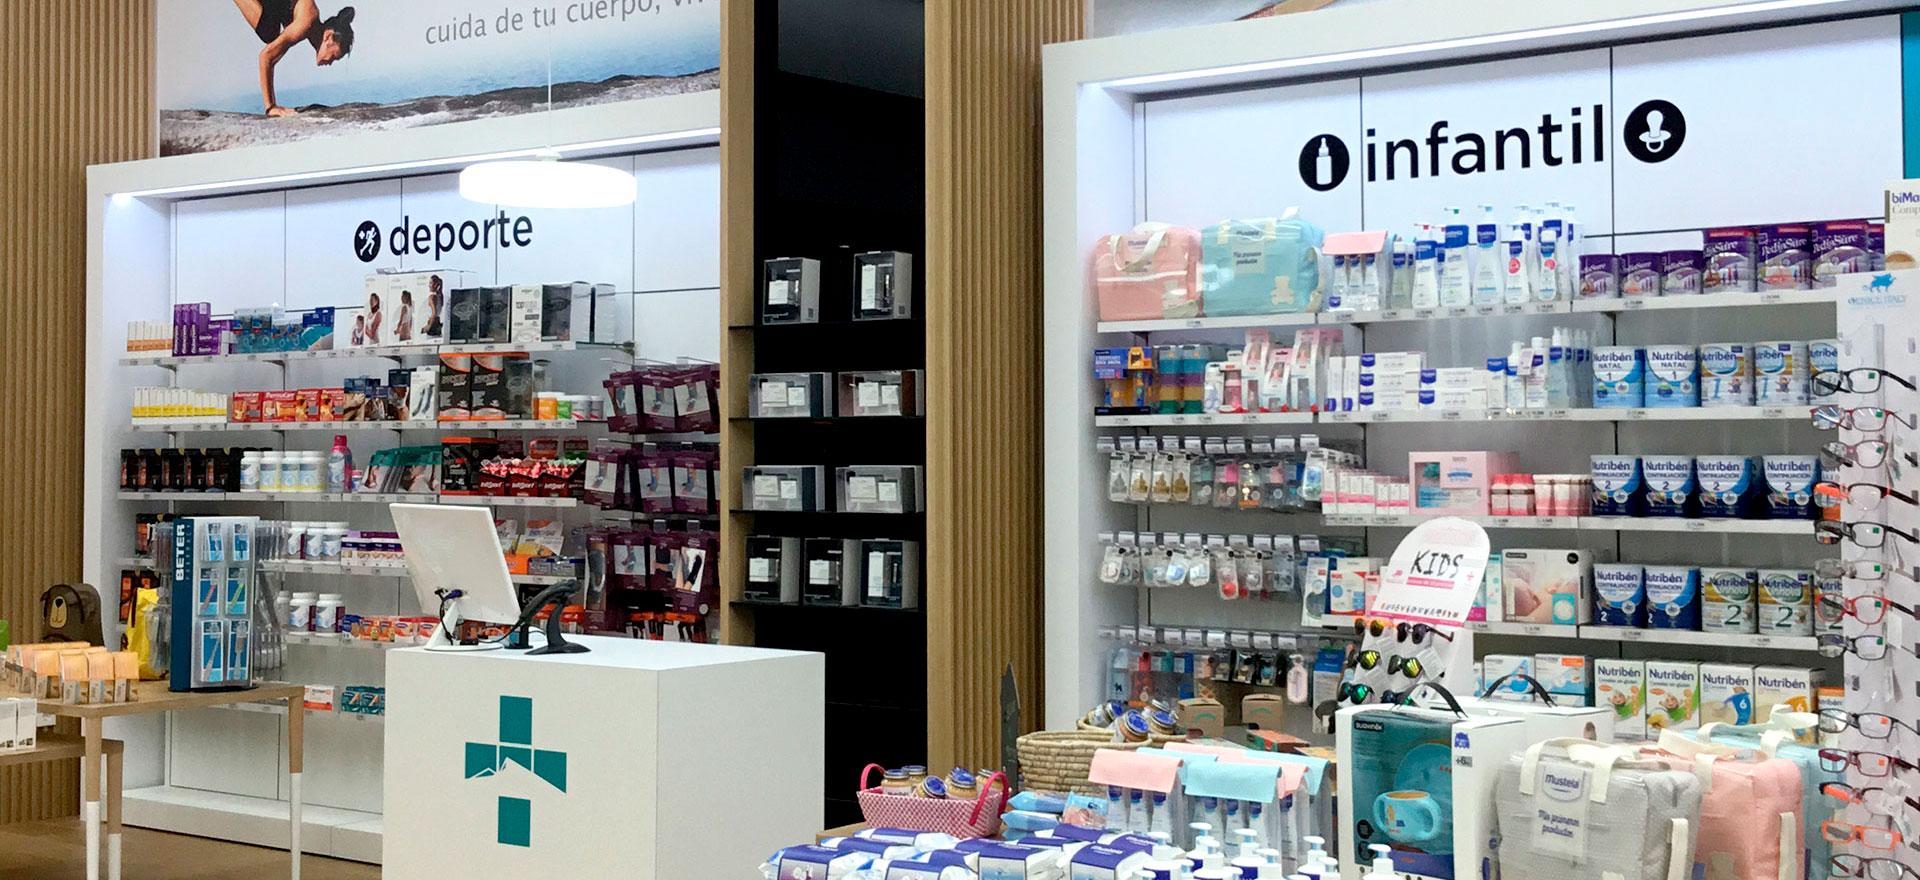 Imagen de una de nuestras farmacias (7 de 10)